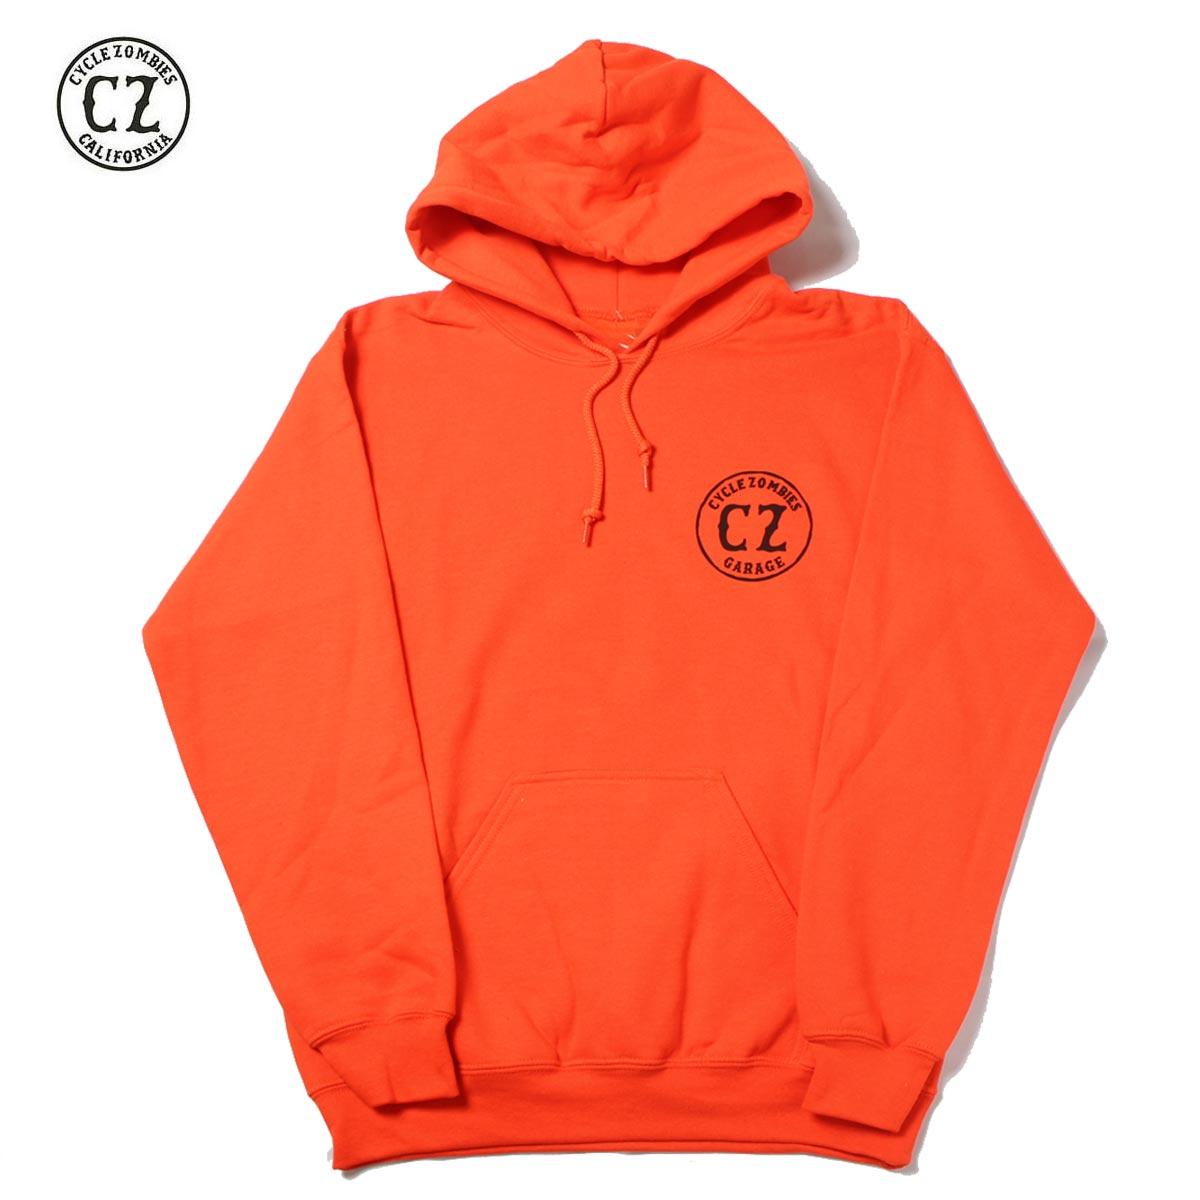 ☆送料無料☆Cycle Zombies(サイクルゾンビーズ)GARAGE Pull Over Hooded Sweatshirt Orange